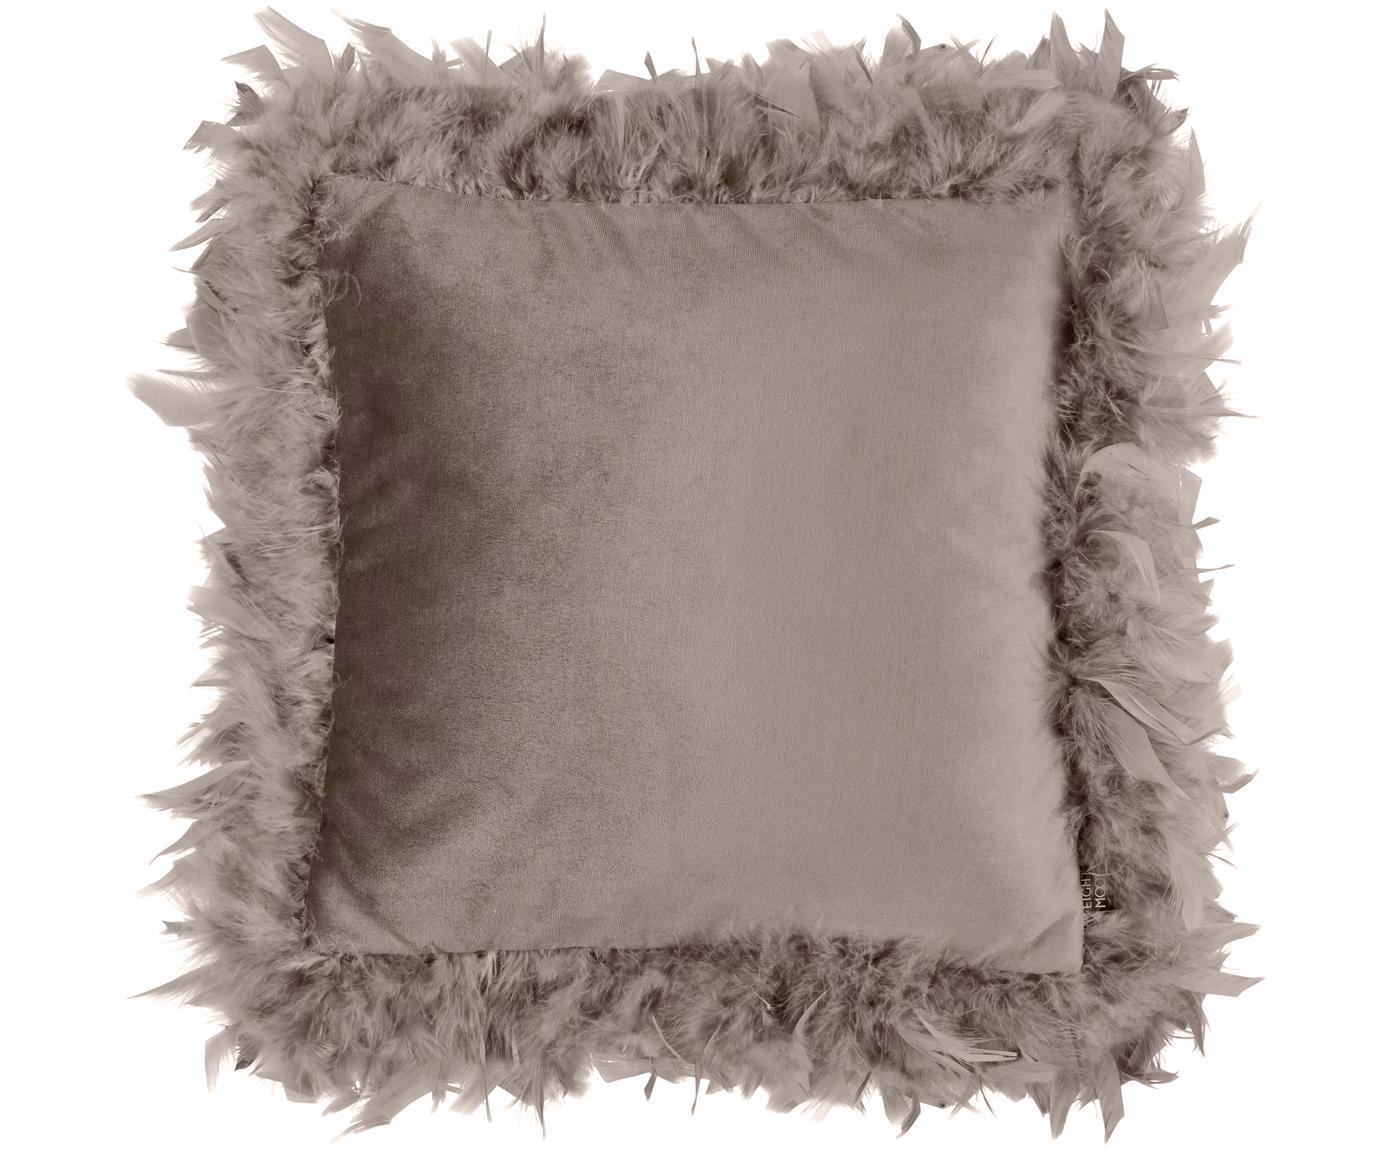 Samt-Kissen Joselyn mit Federand, mit Inlett, Hülle: Polyestersamt, Federn, Dunkles Taupe, 40 x 40 cm